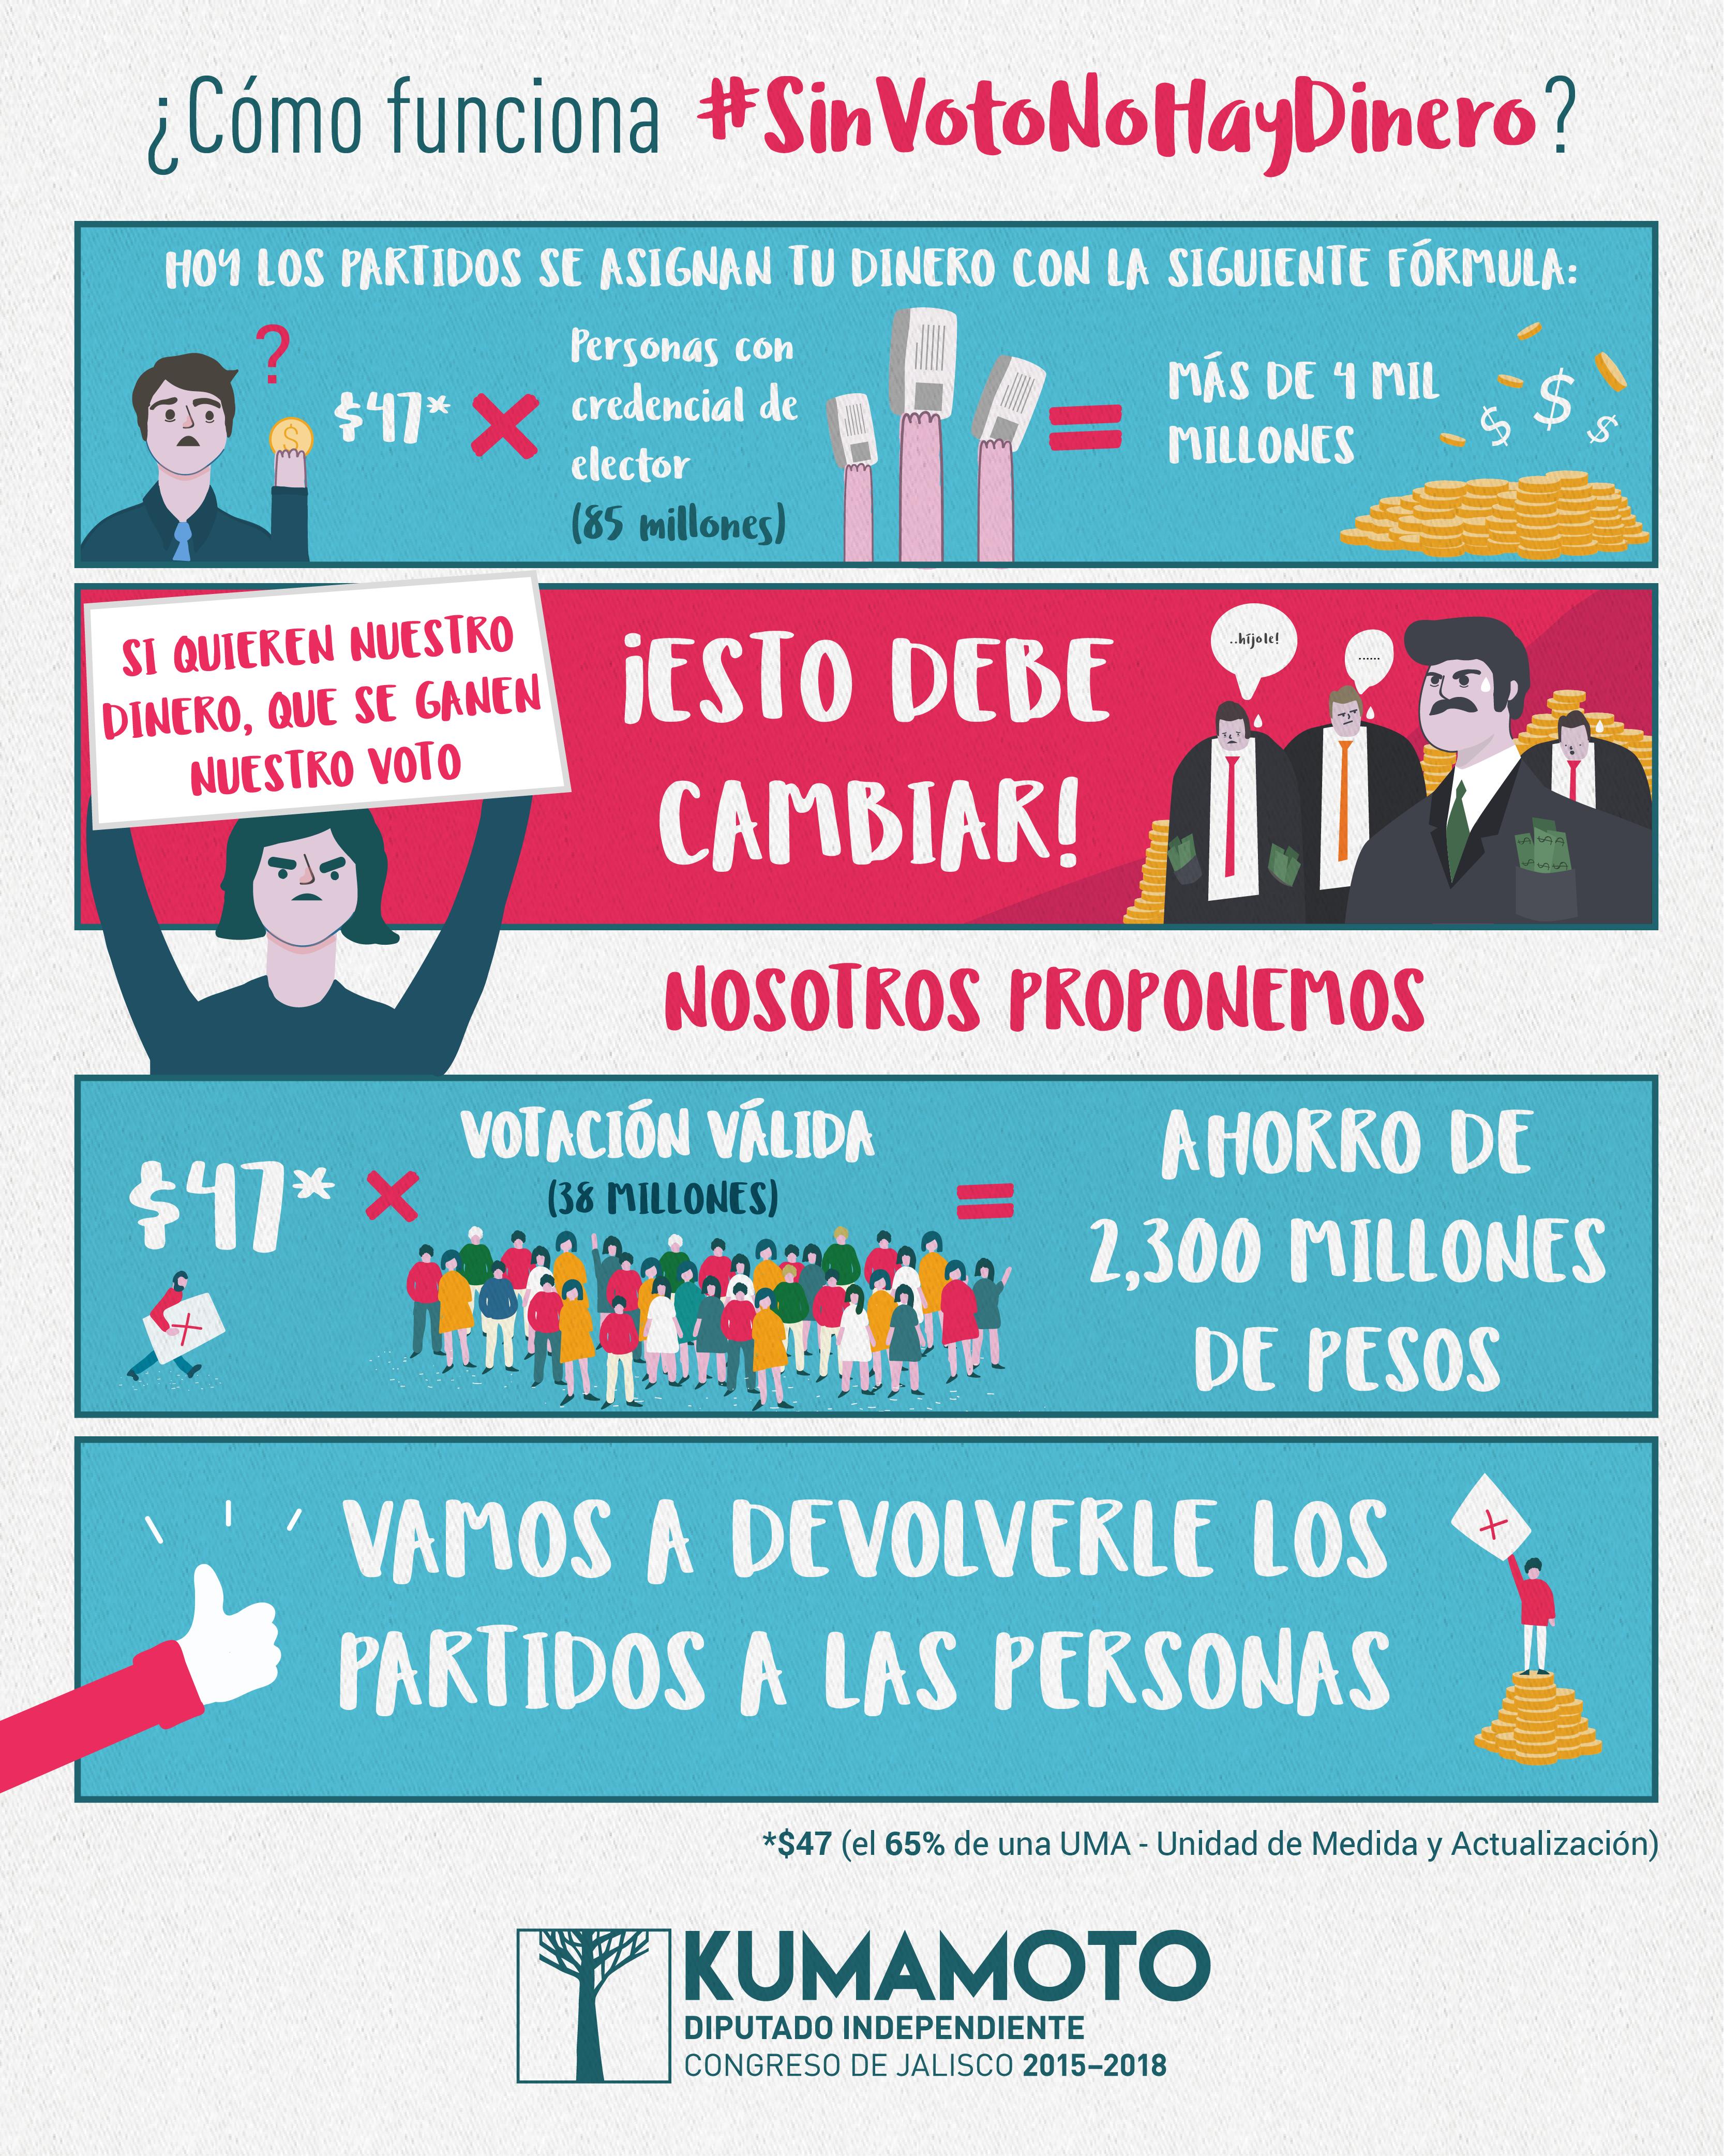 Vamos a hablar de #SinVotoNoHayDinero